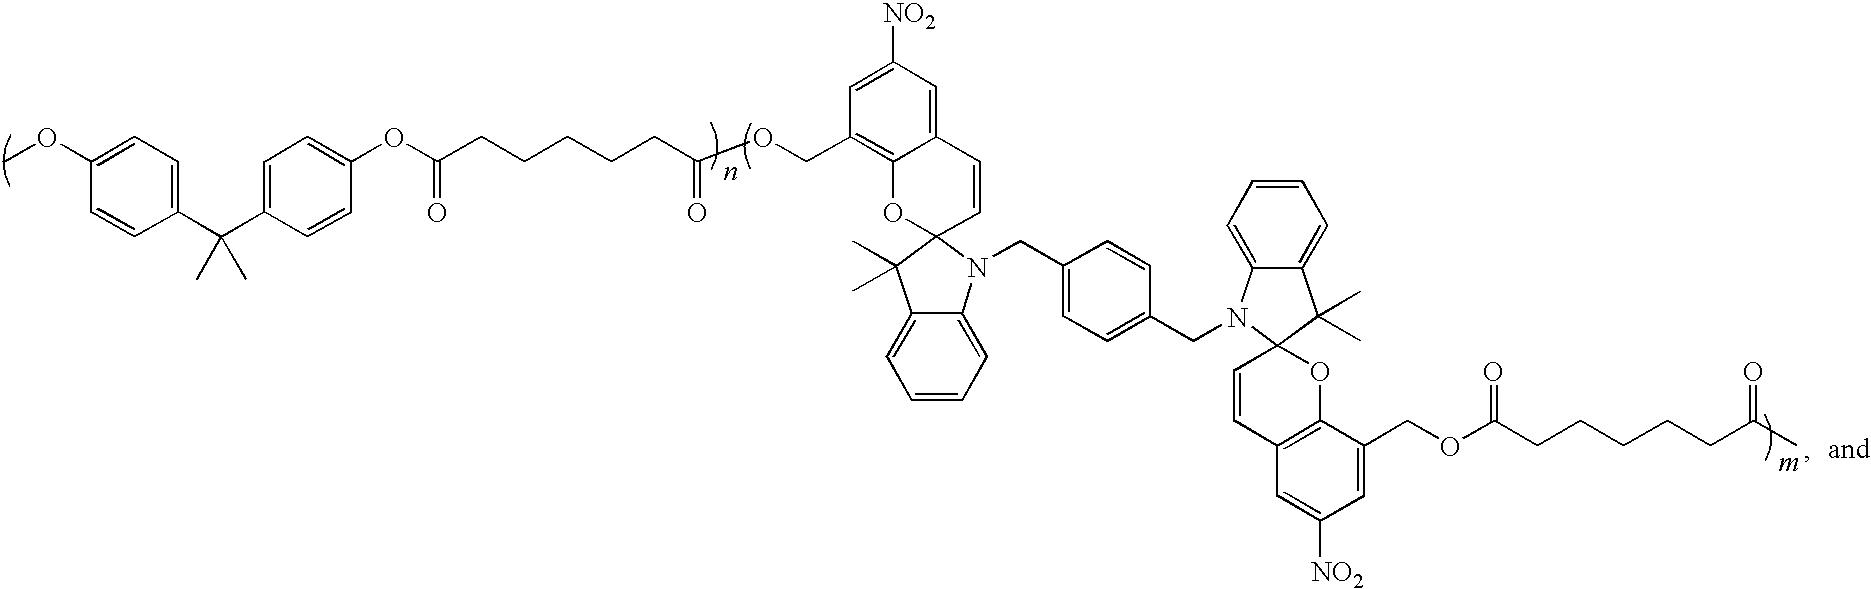 Figure US08216765-20120710-C00005